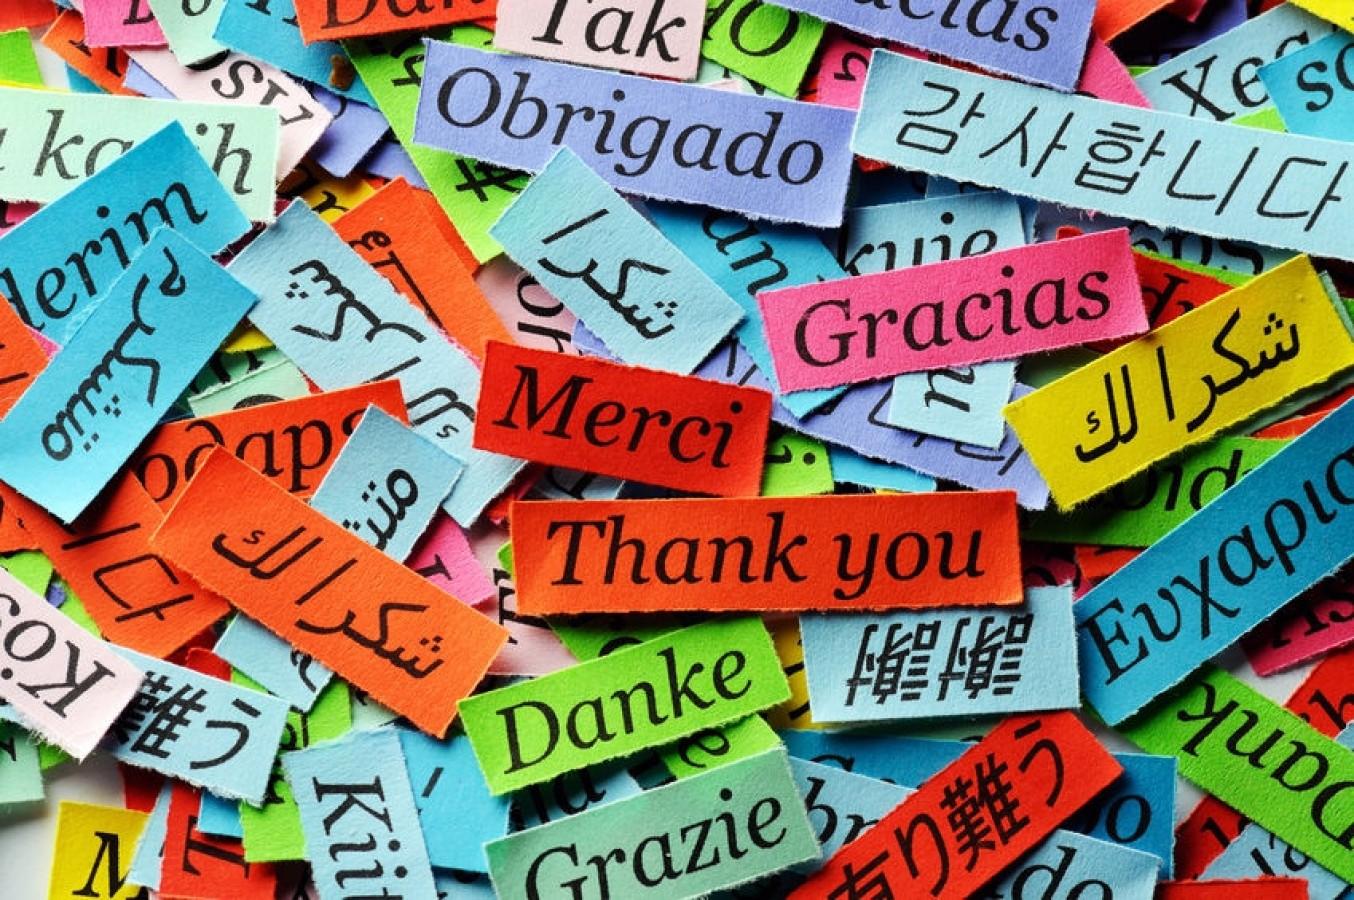 Nyelvtanulás külföldön - Hogyan tanulj ingyen, élvezetesen idegen nyelvet?